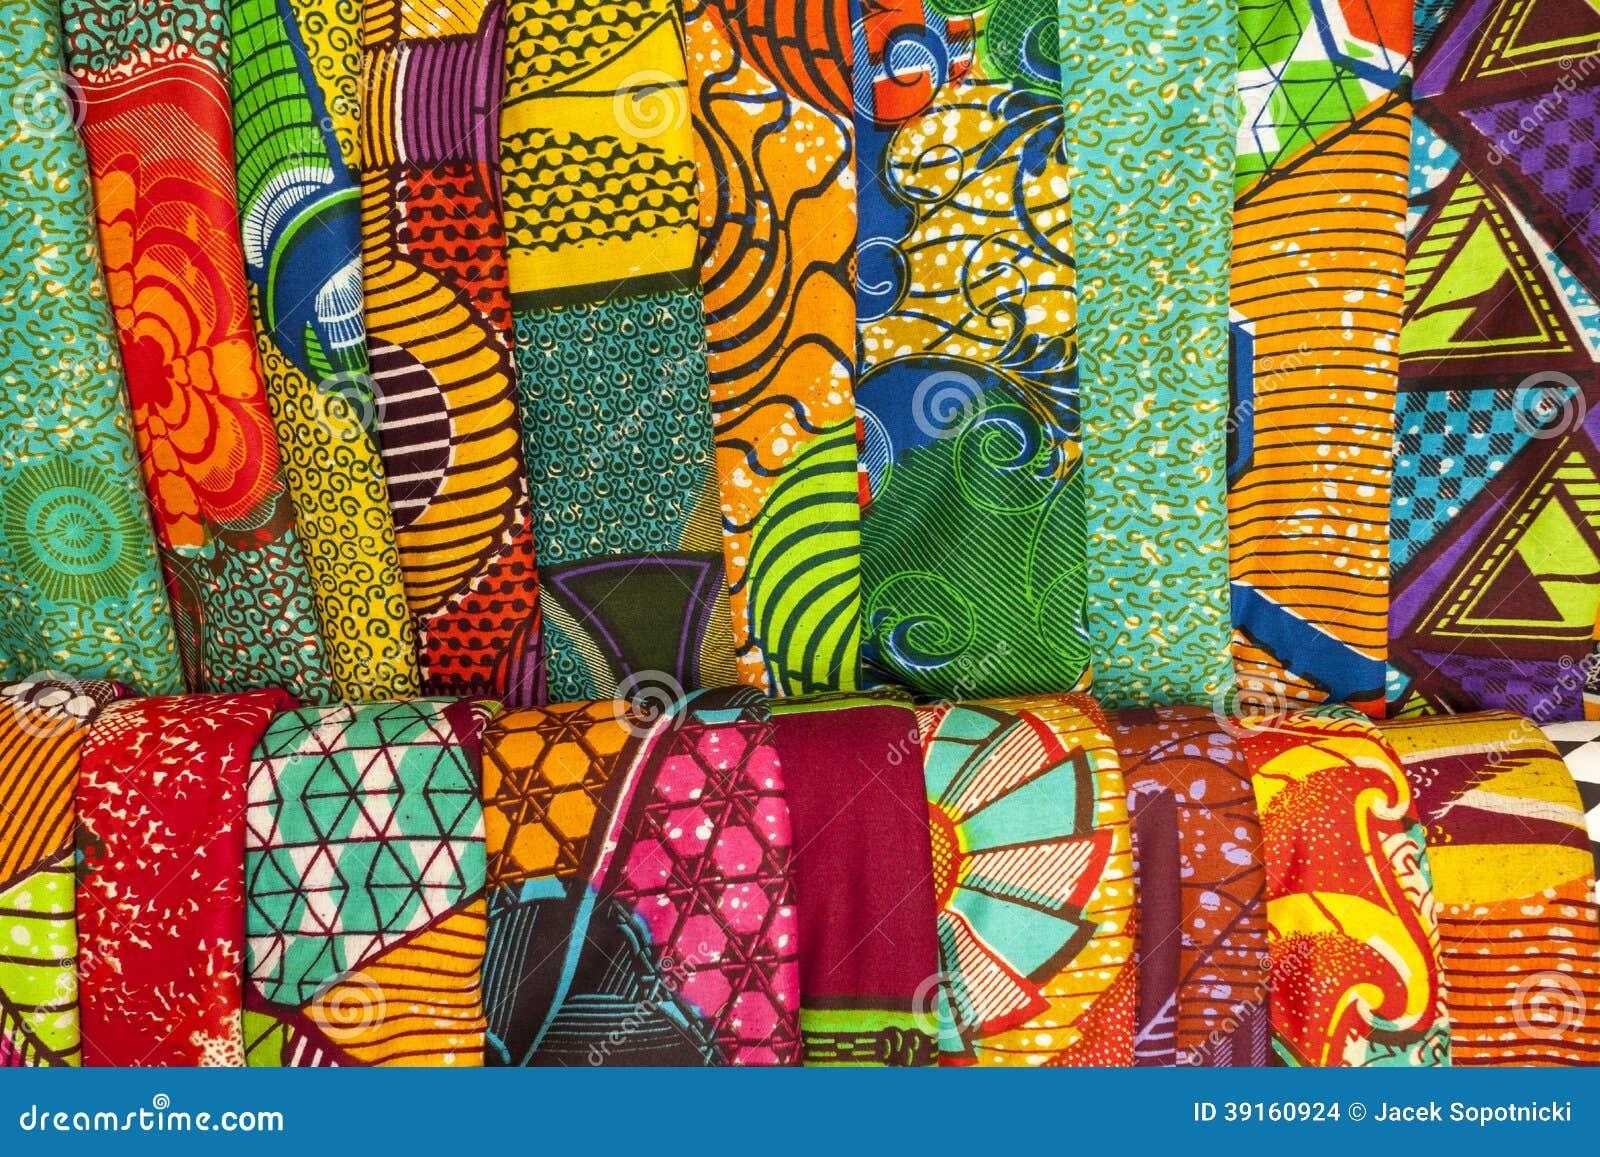 Tissus africains du ghana afrique de l 39 ouest photo stock - Les couleurs des tissus ...